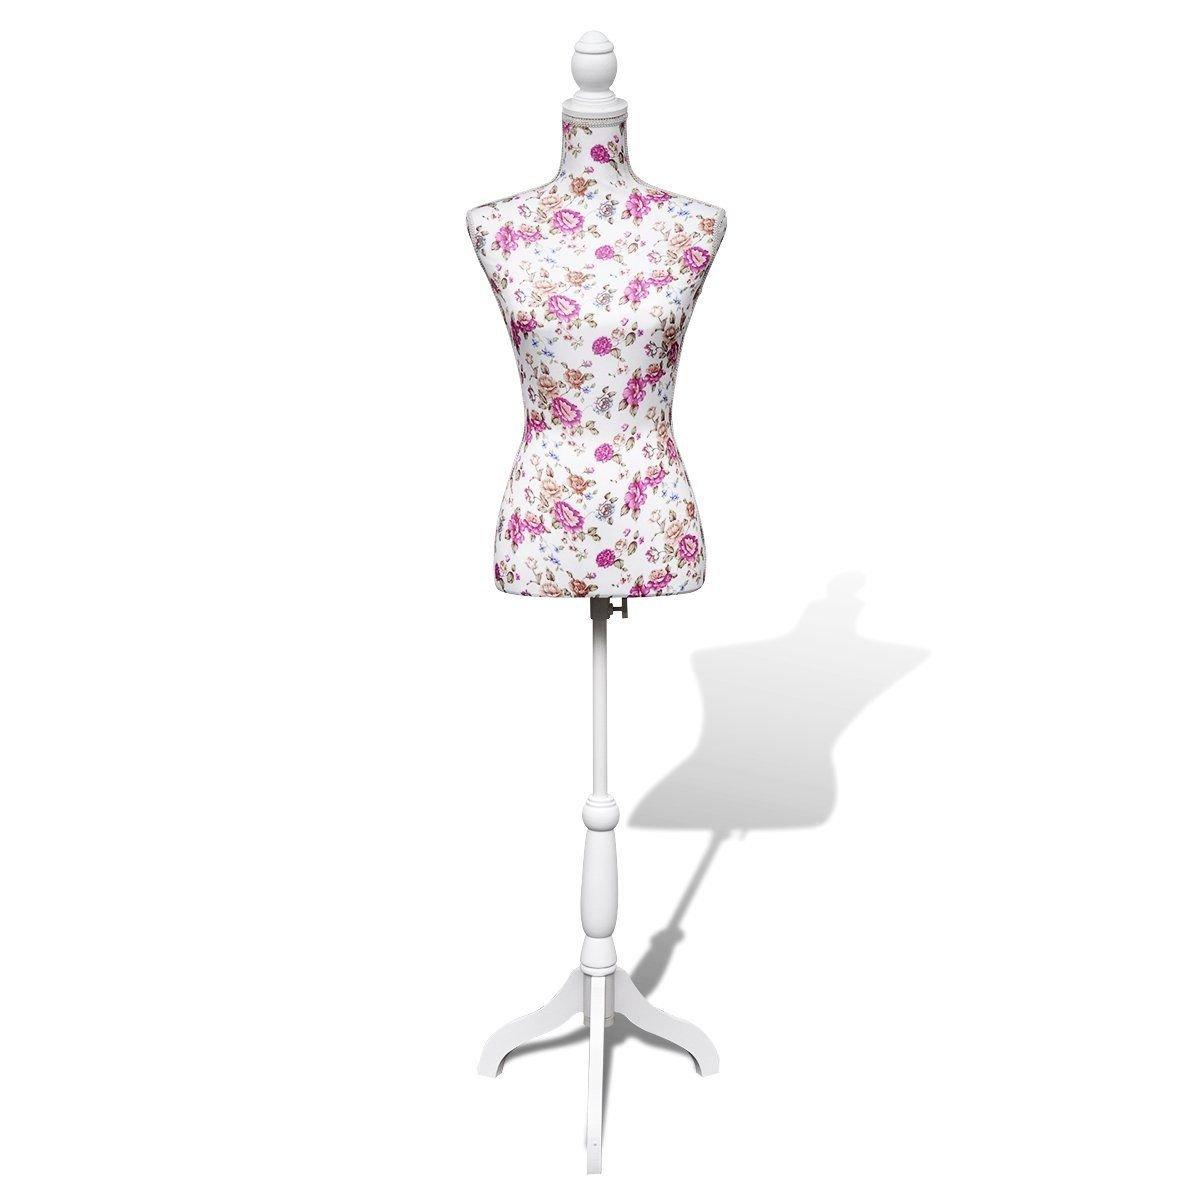 ホワイトレディースバスト表示Mannequinドレスフォームコットンwith Flower B076GZMFY9